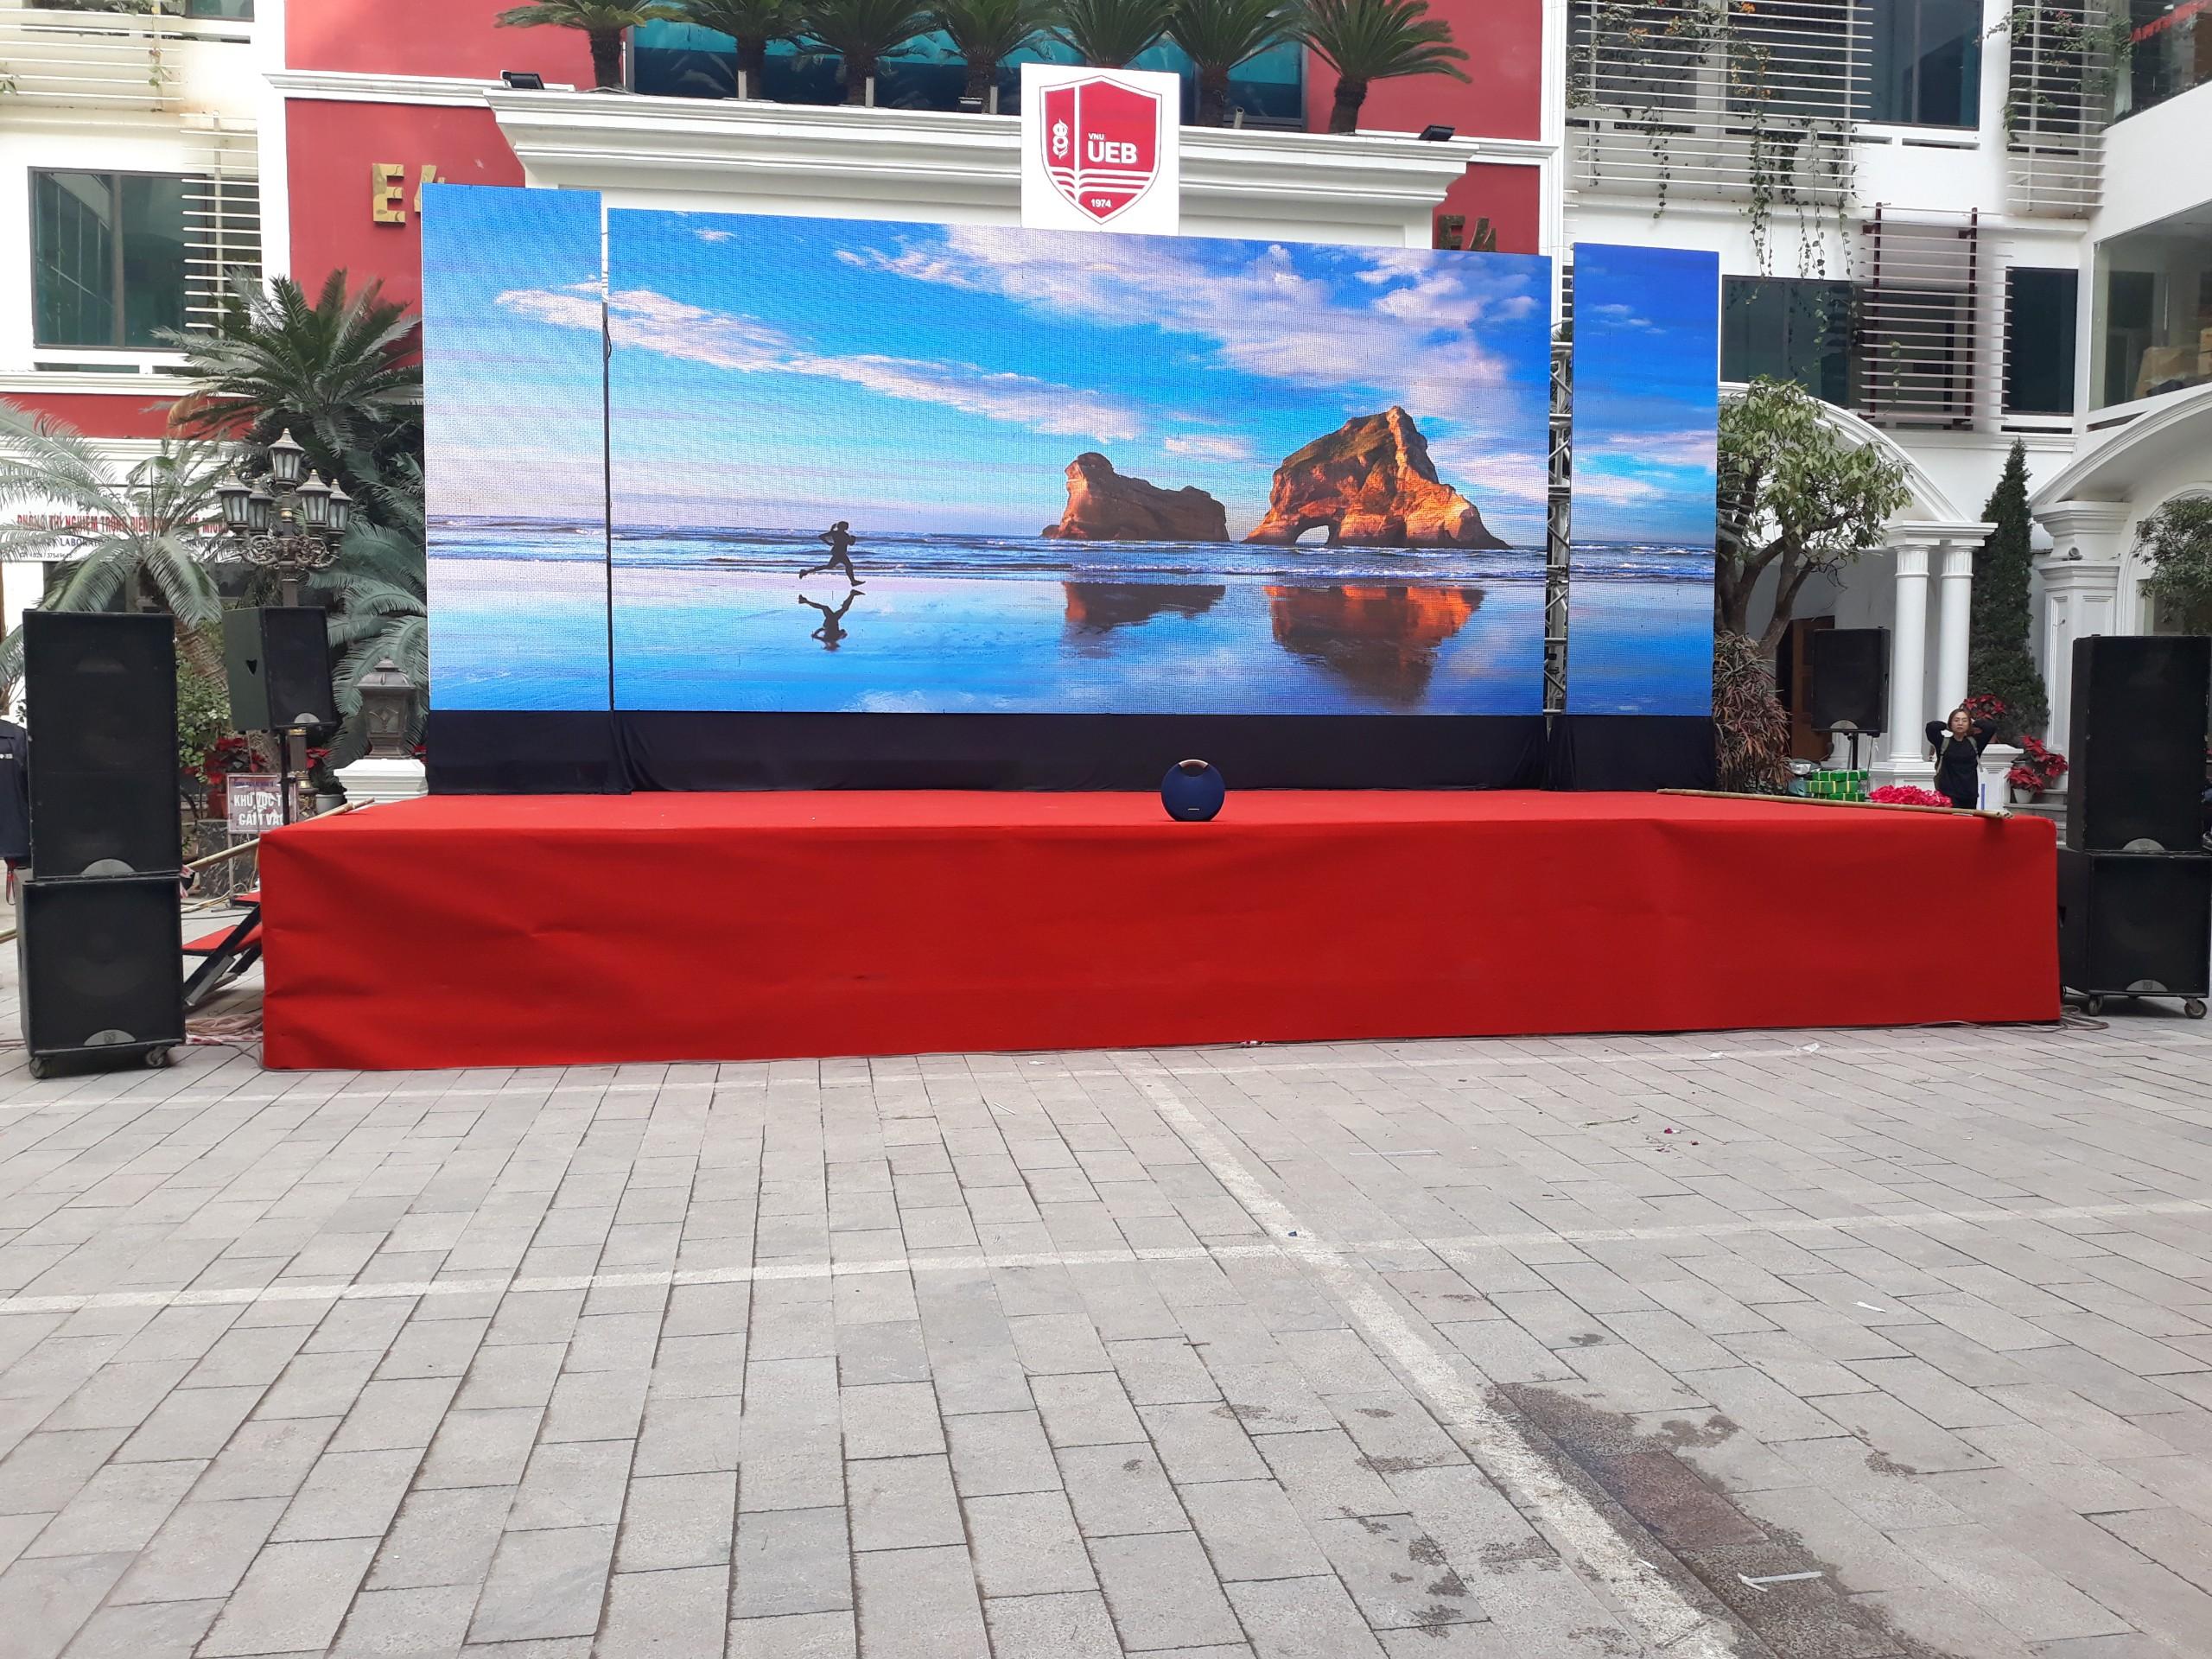 Dịch vụ cho thuê âm thanh sự kiện giá rẻ tại Hà Nội